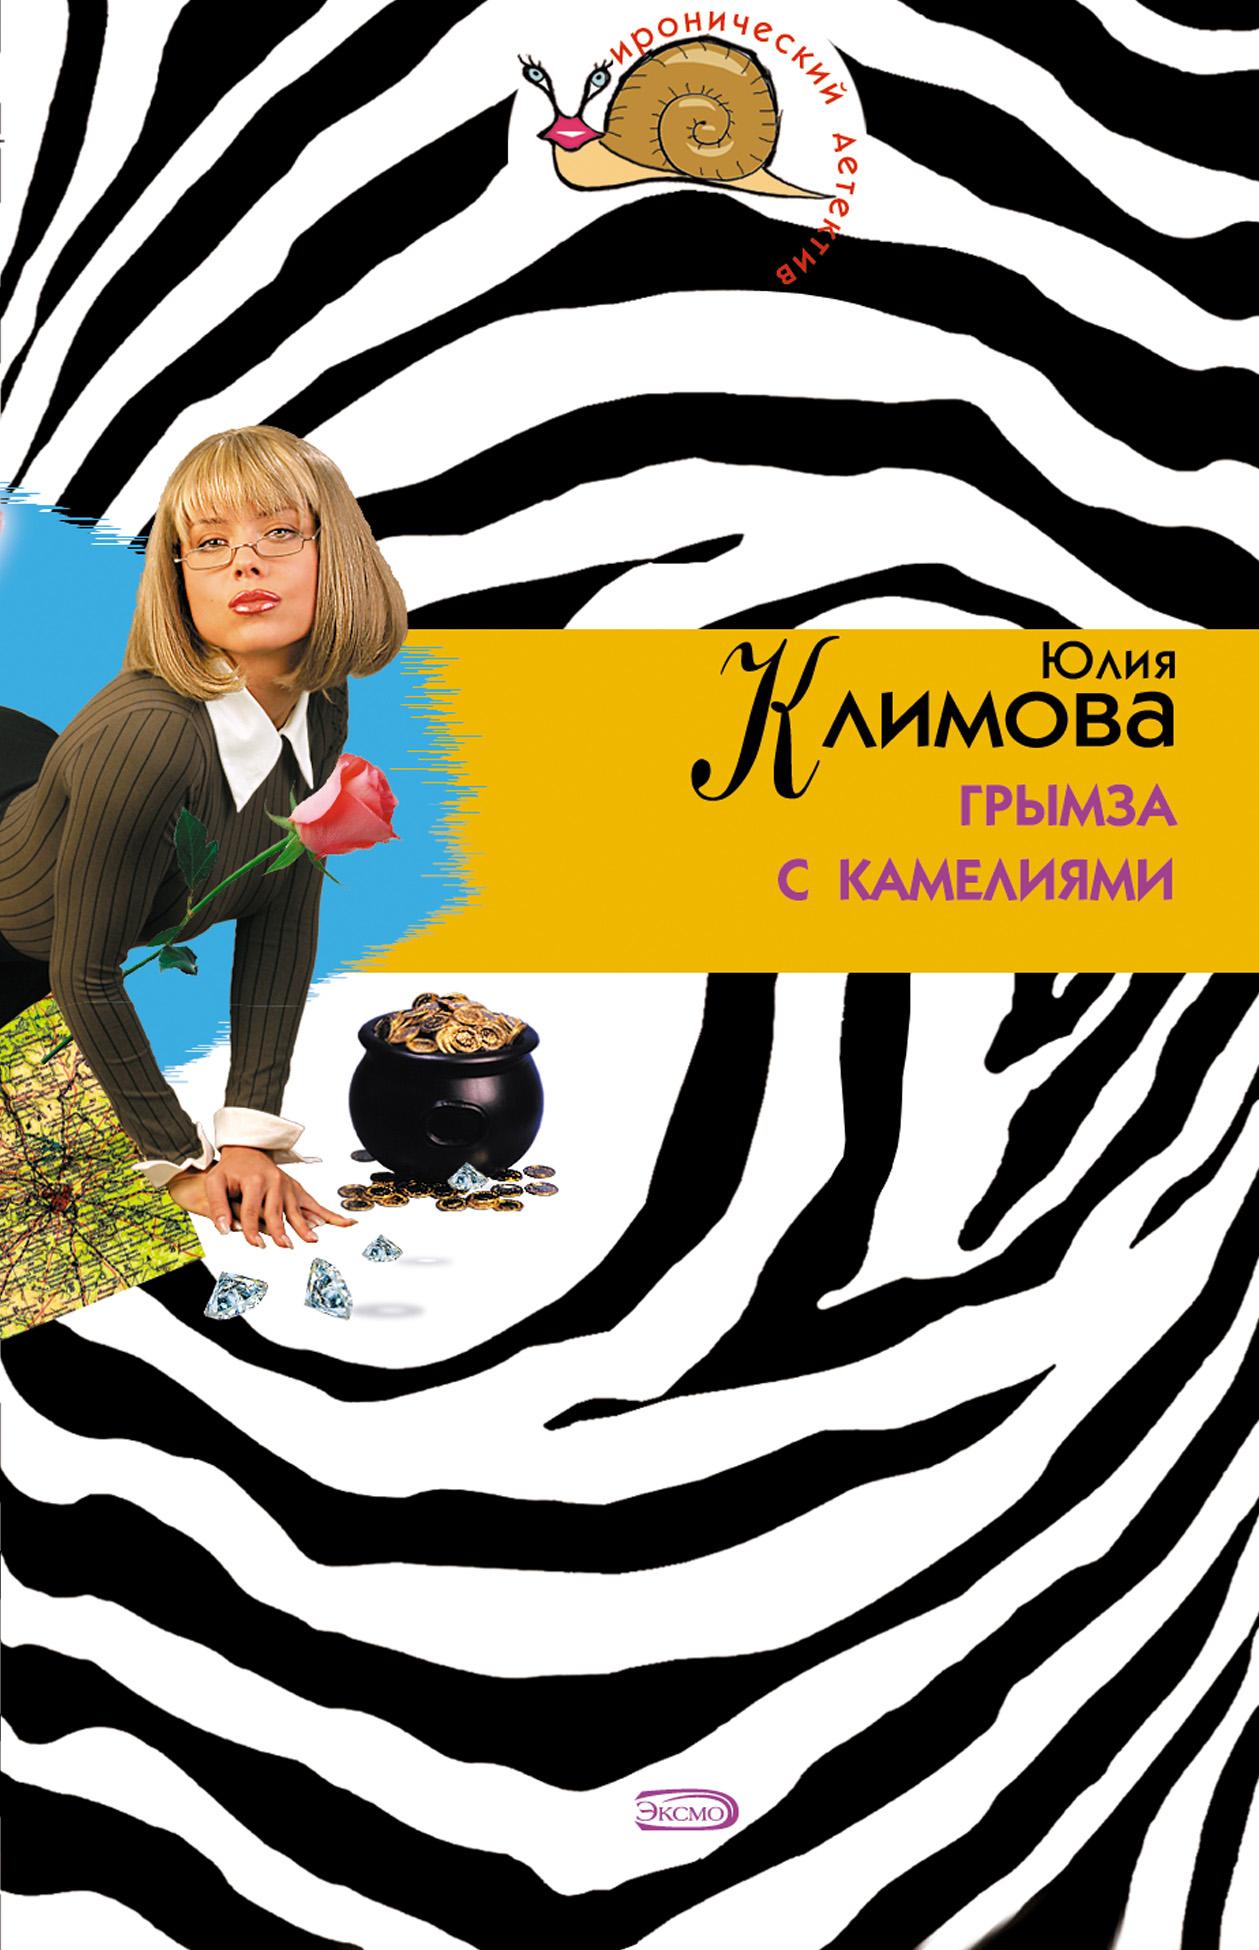 Грымза с камелиями ( Юлия Климова  )